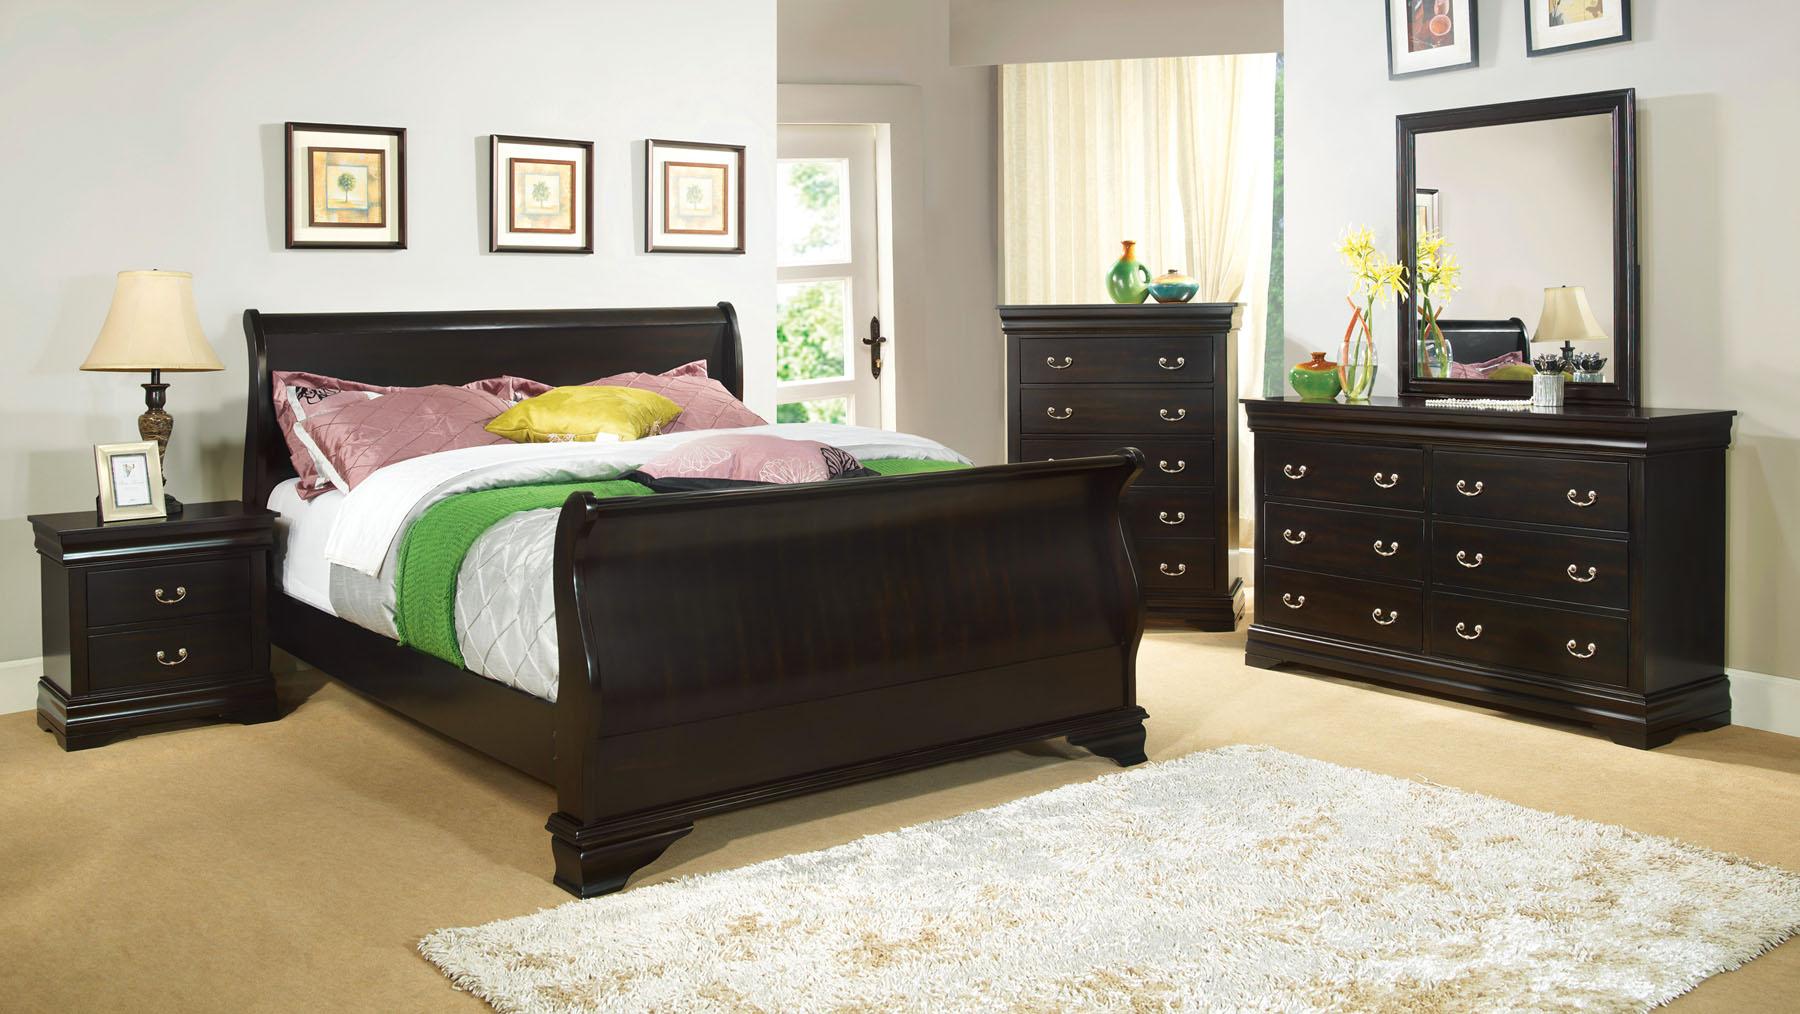 Laurelle cm7815bk 4pc bedroom set furniture mattress los - Bedroom furniture sets los angeles ...